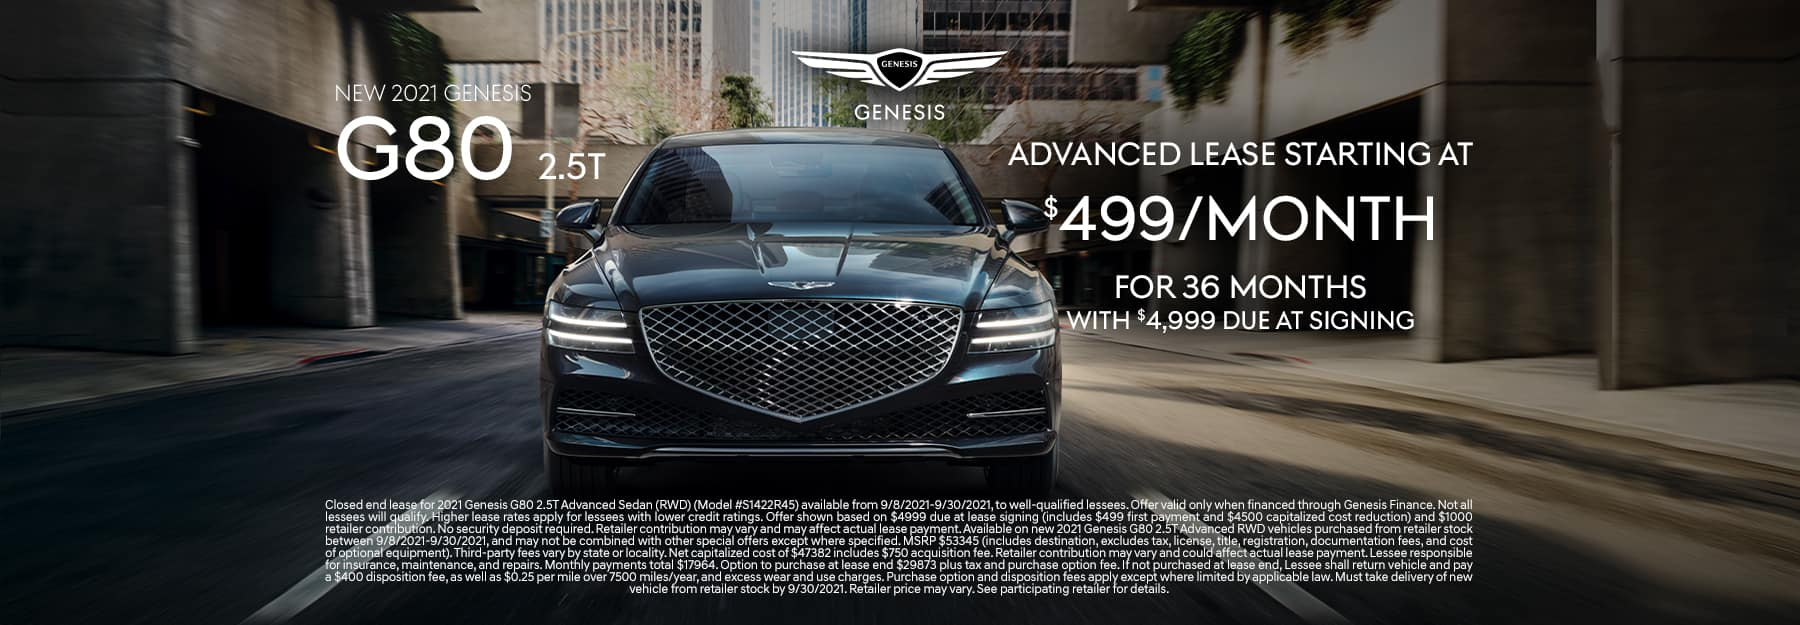 WGTN-21336-Homepage-1800×625-G80 (1)